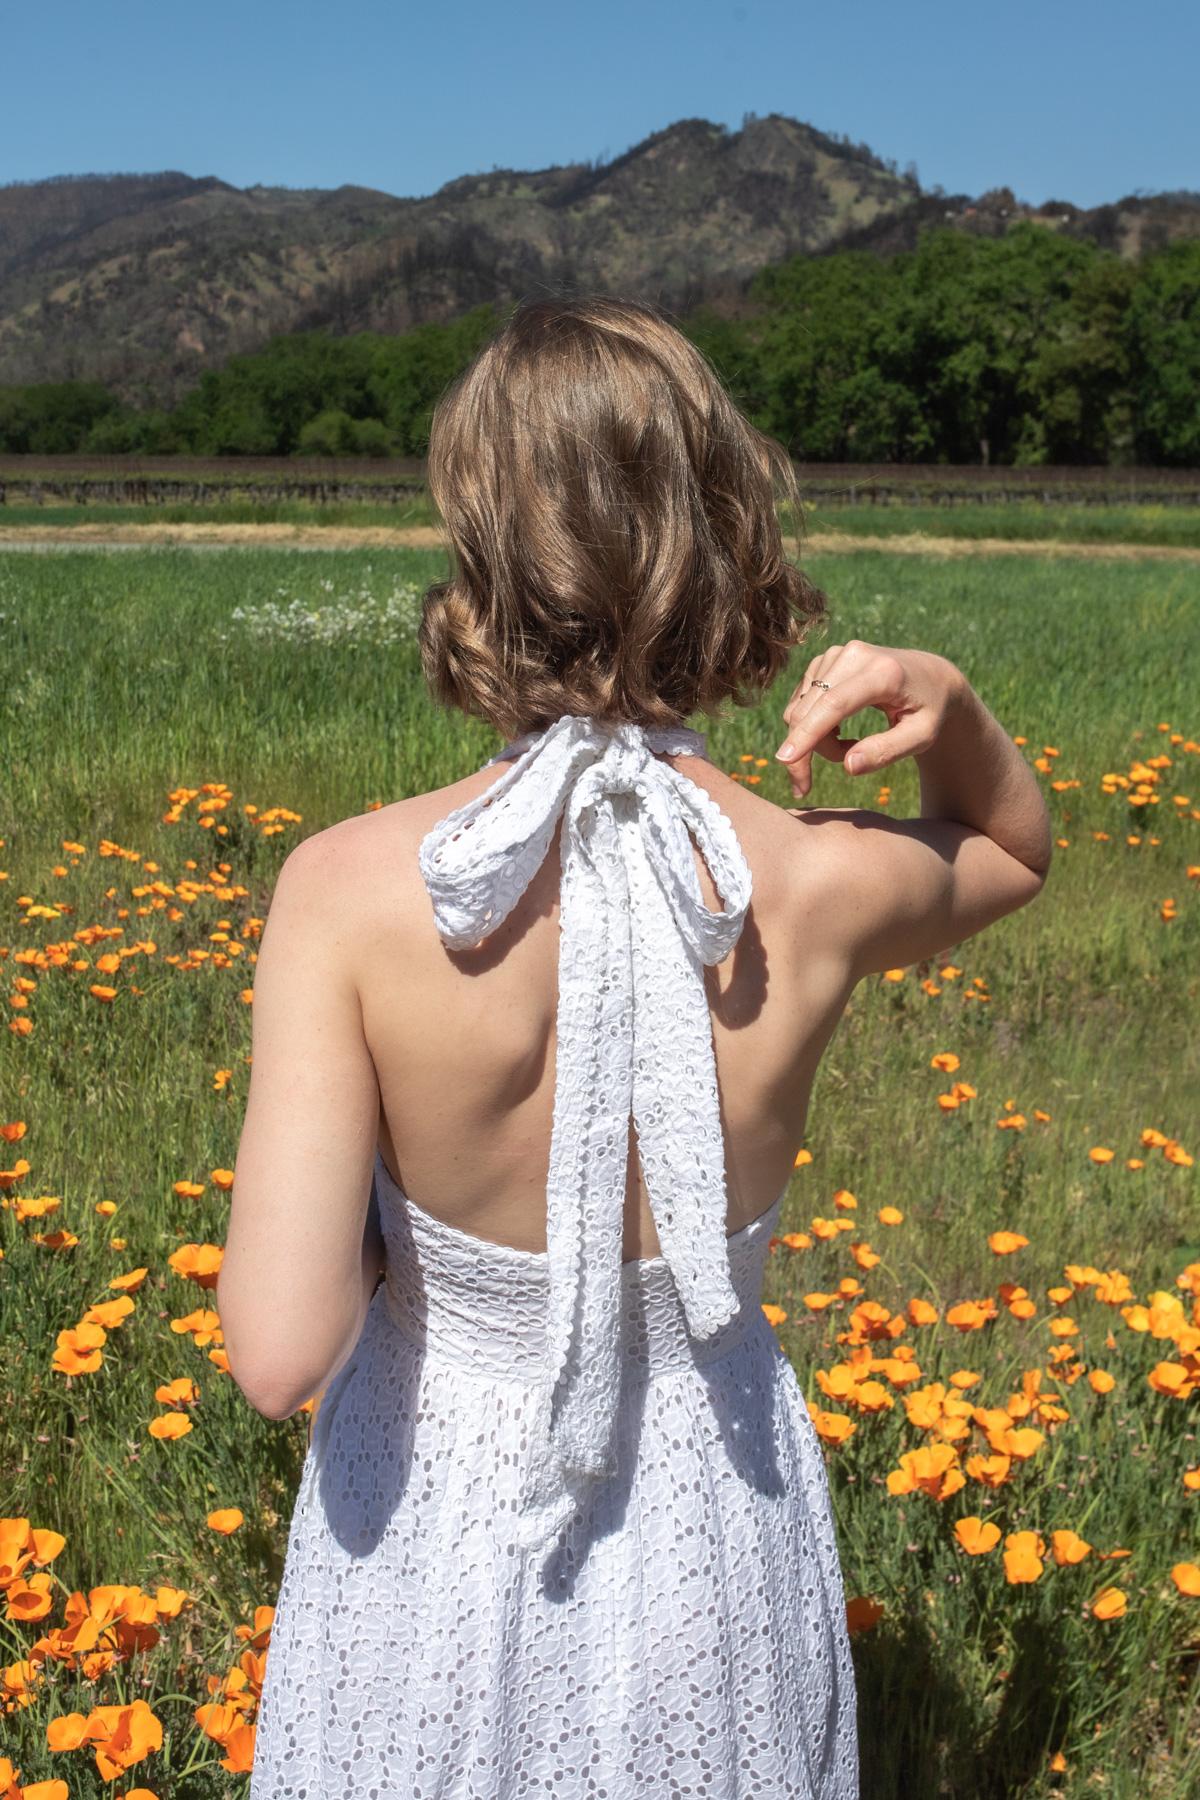 Stacie Flinner White Eyelet Clothing-5.jpg